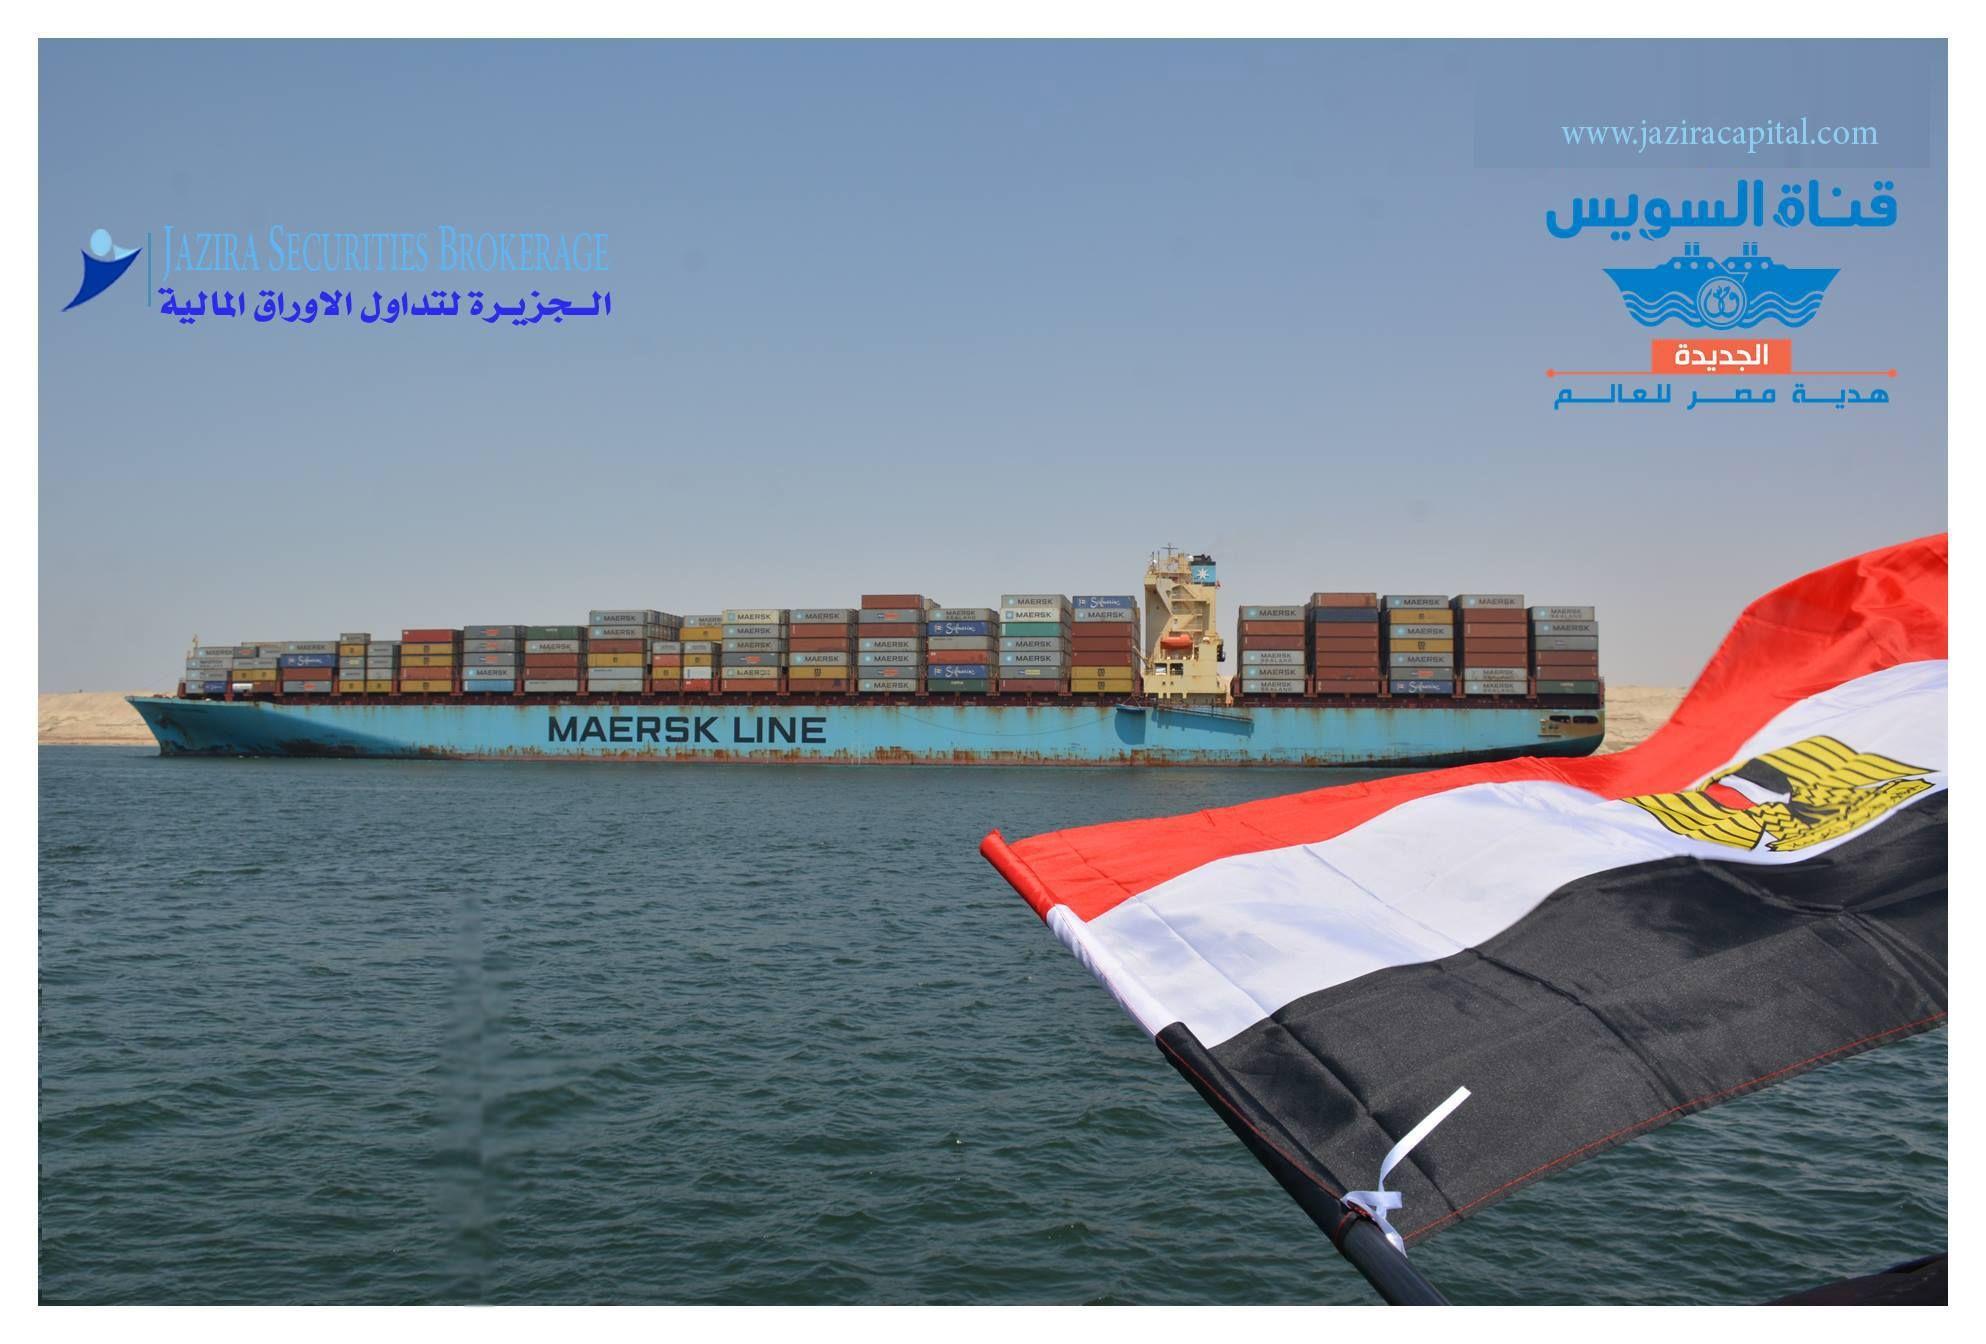 شركة الجزيرة لتداول الاوراق المالية تتمنى لكم يوم جميل و رائع جلسة تداول موفقة اليوم الخميس 30 07 2015 Maersk Line Suez Line